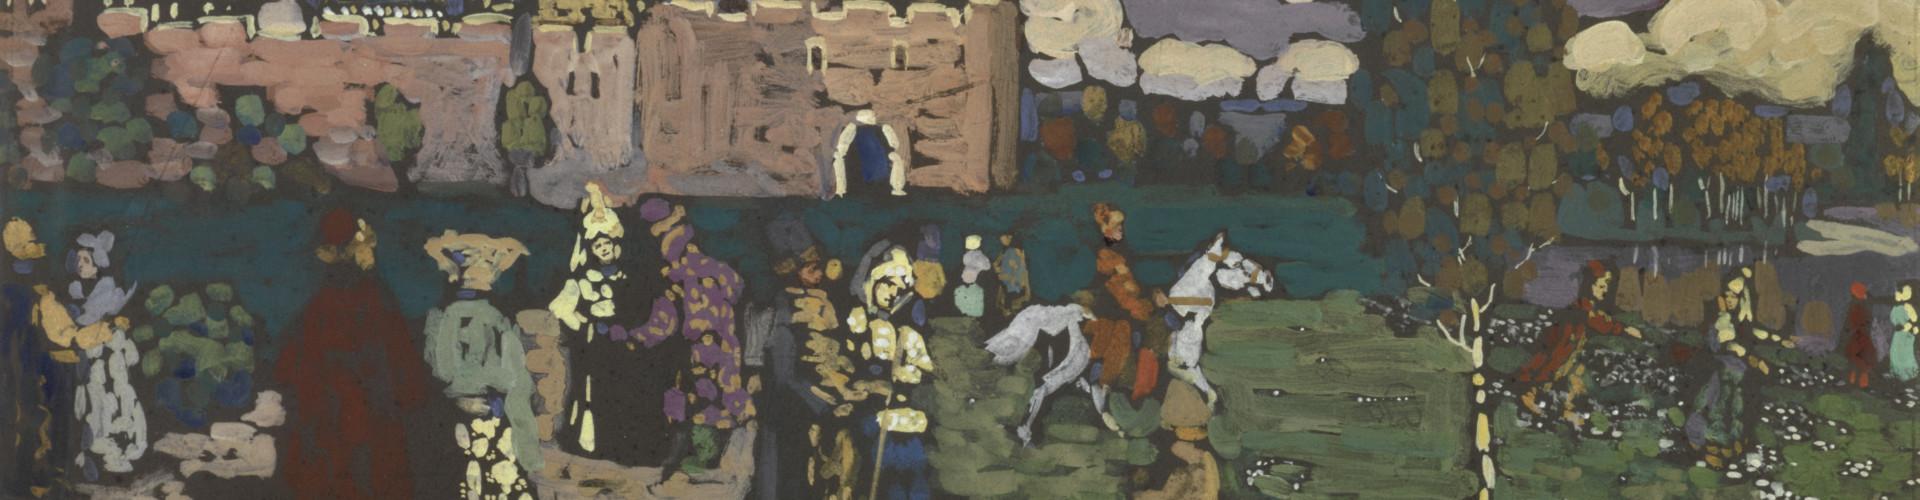 Folklore: Vassily Kandinsky, Altrussisches (Vieille Russie), [Anfang 1904] Paris, Centre Pompidou, Musée national d'art moderne © Centre Pompidou, MNAM-CCI/Georges Meguerditchian/Dist. RMN-GP